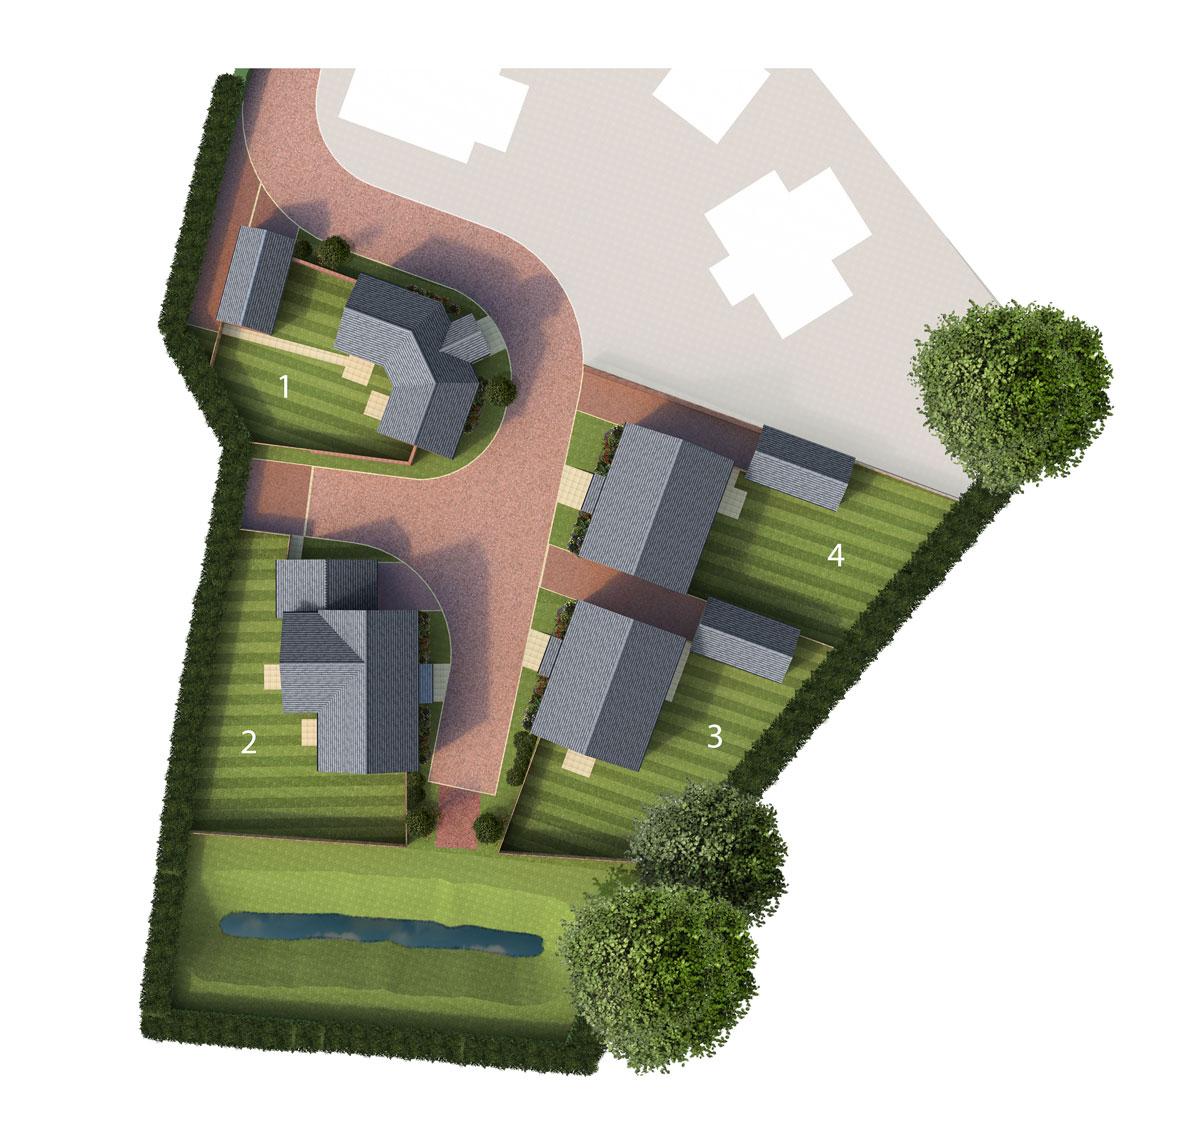 Ivydale Gardens New Homes Development - Site Layout